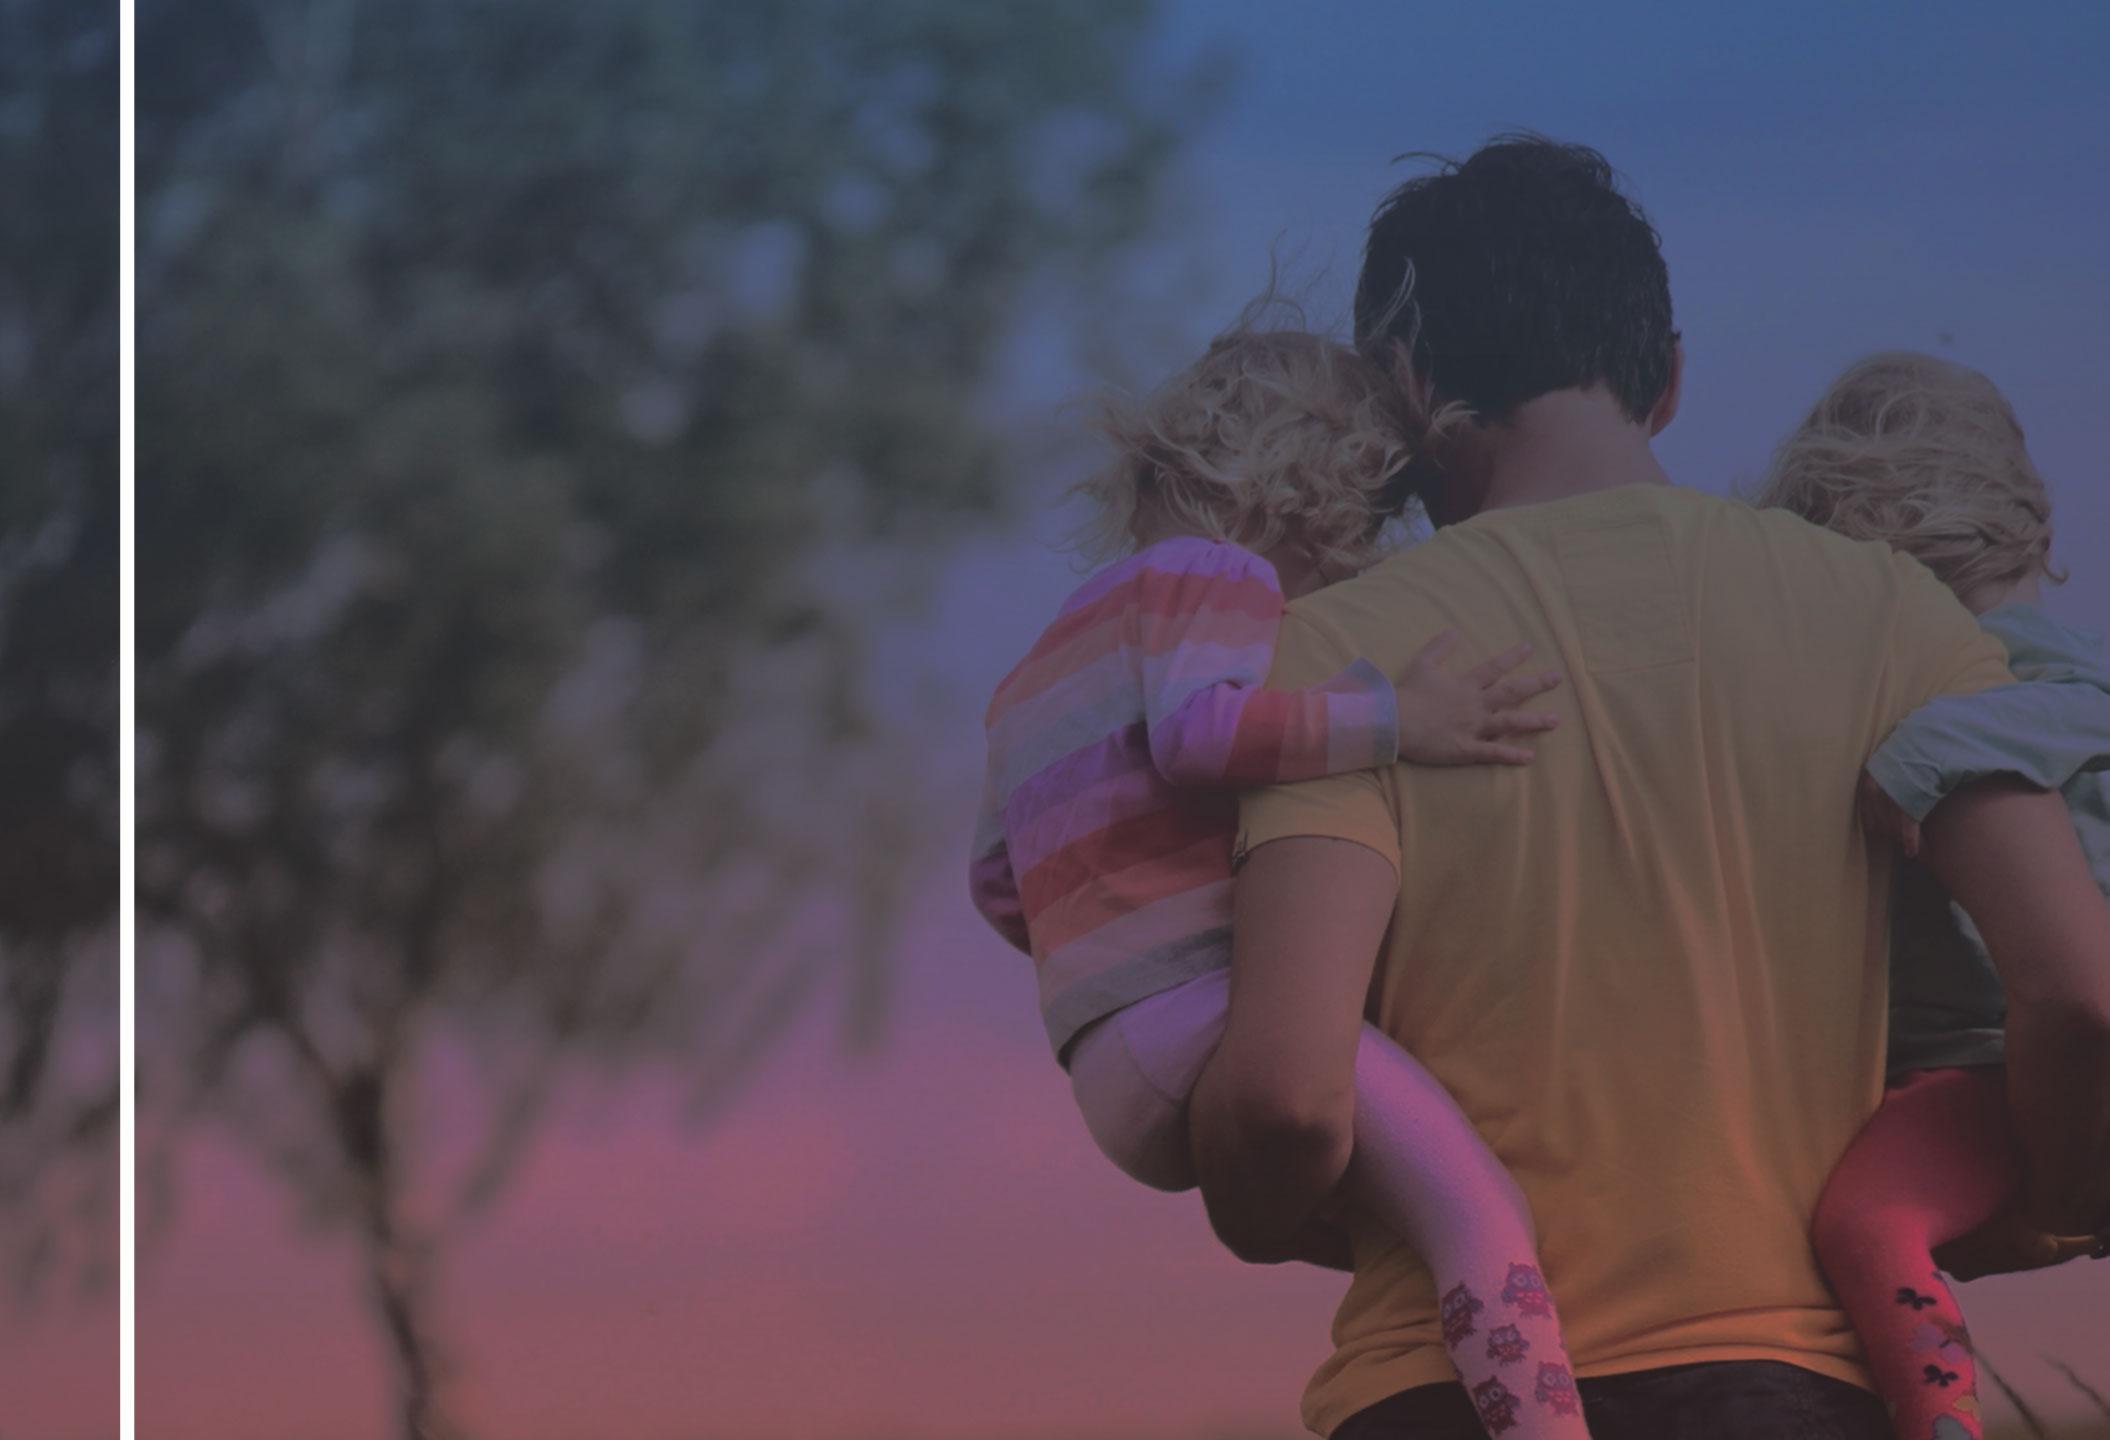 fiche 11 - père avec deux enfants dans les bras - droit à la déconnexion